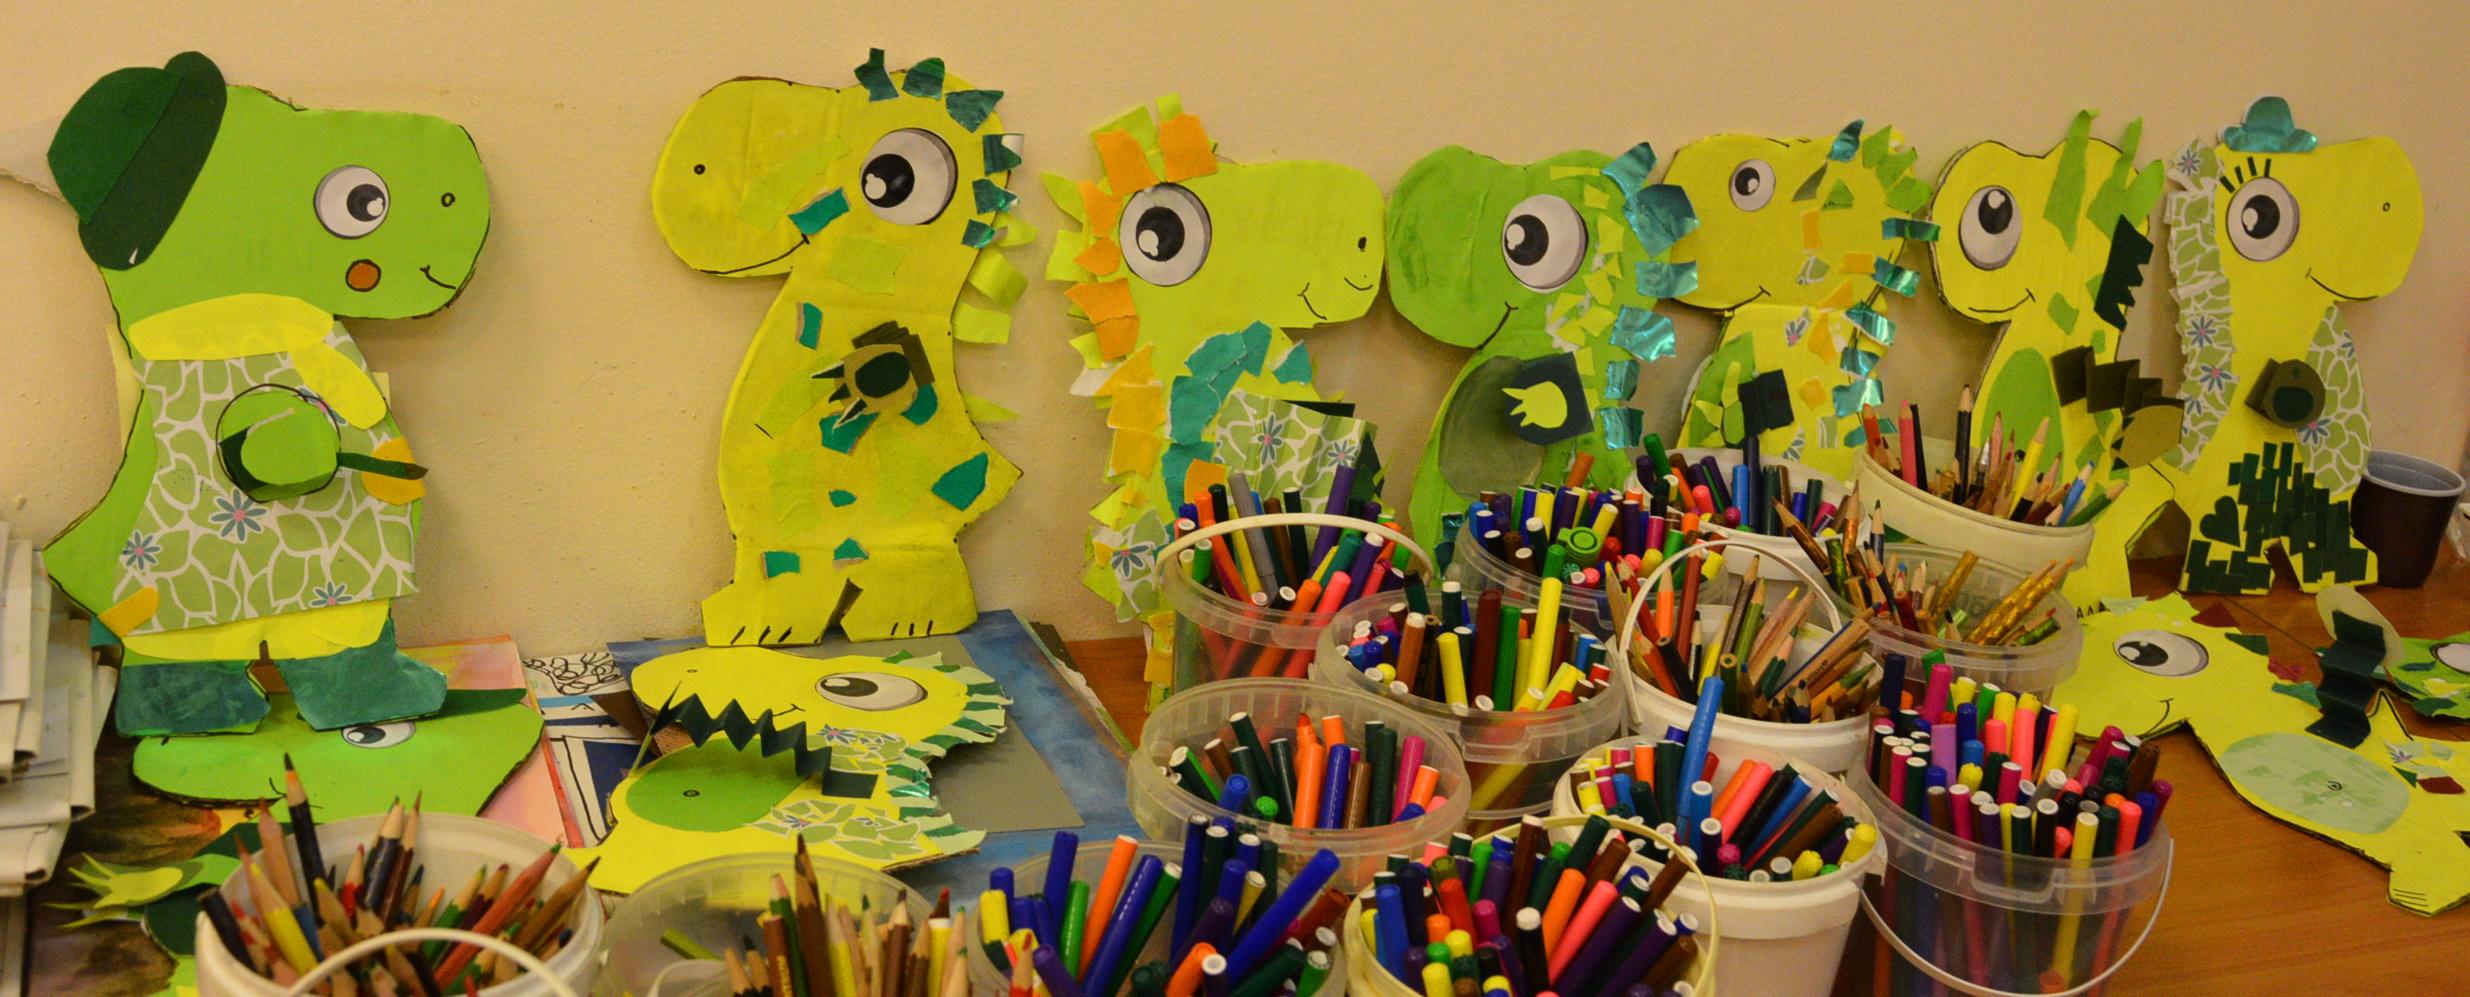 динозавр, мастер-класс, музейная академия